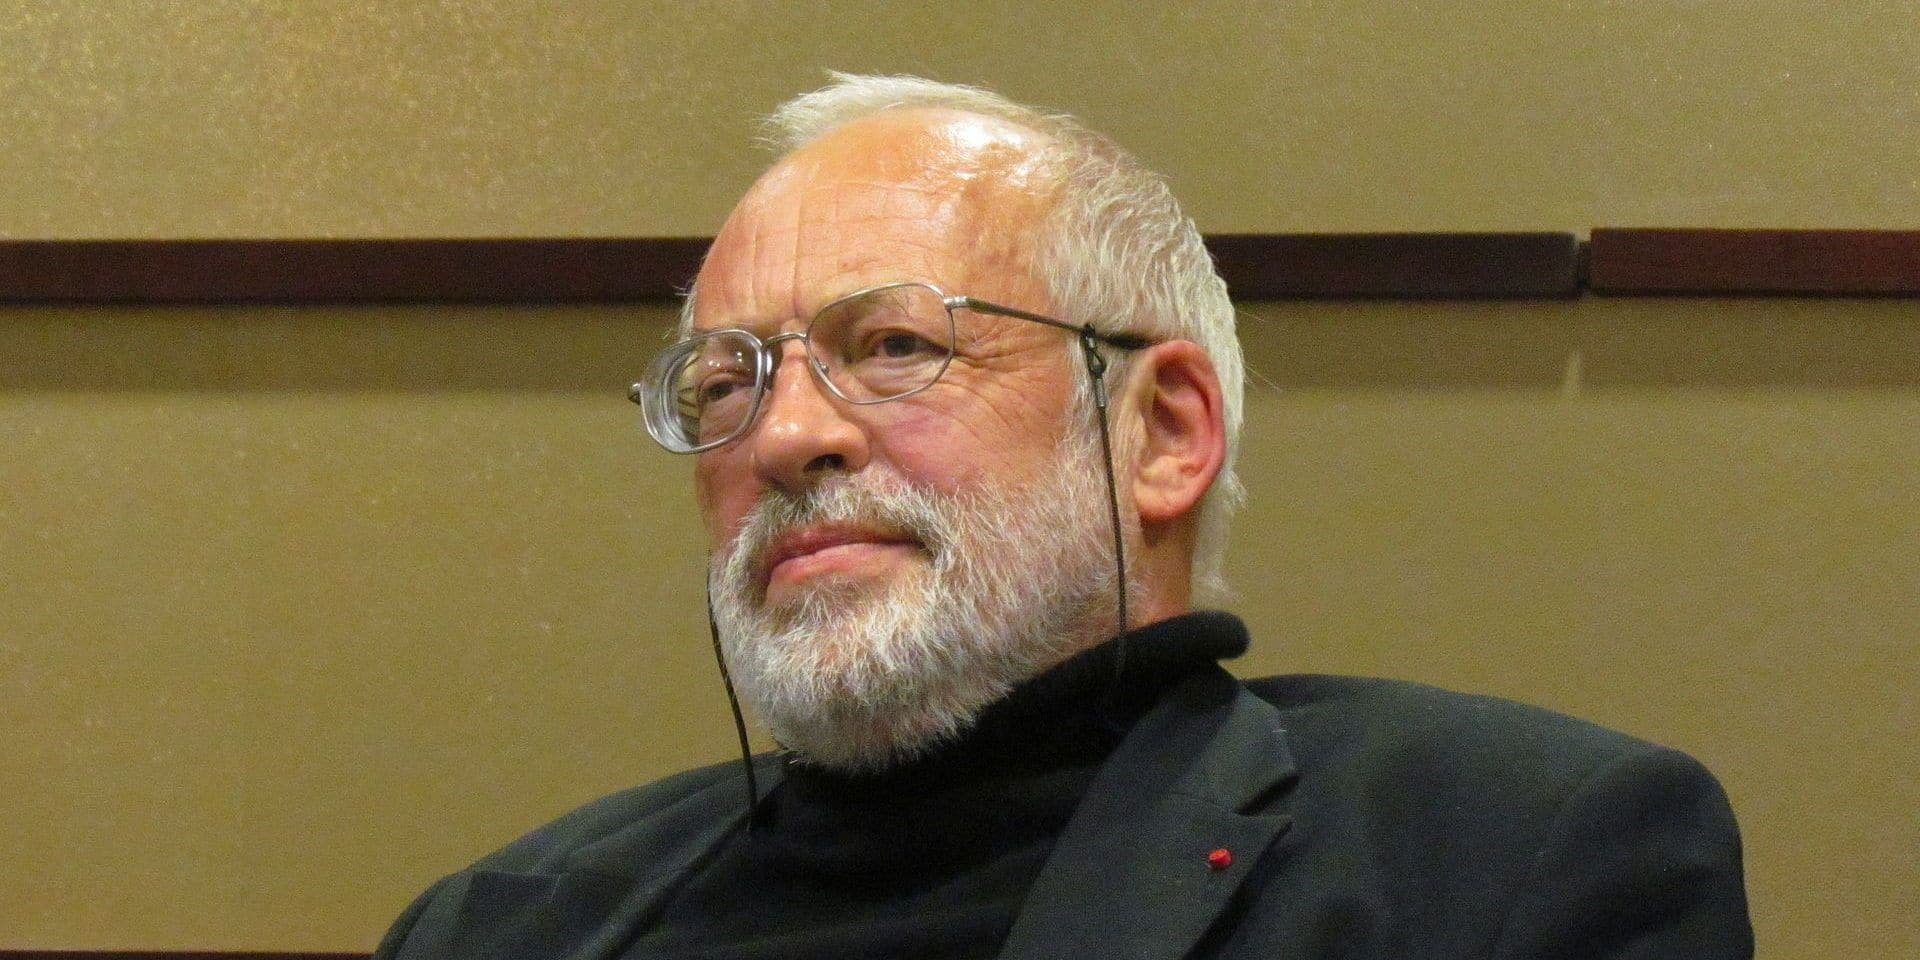 Les services de renseignement n'ont pas vu venir la pandémie non plus: un ex-espion répond aux critiques